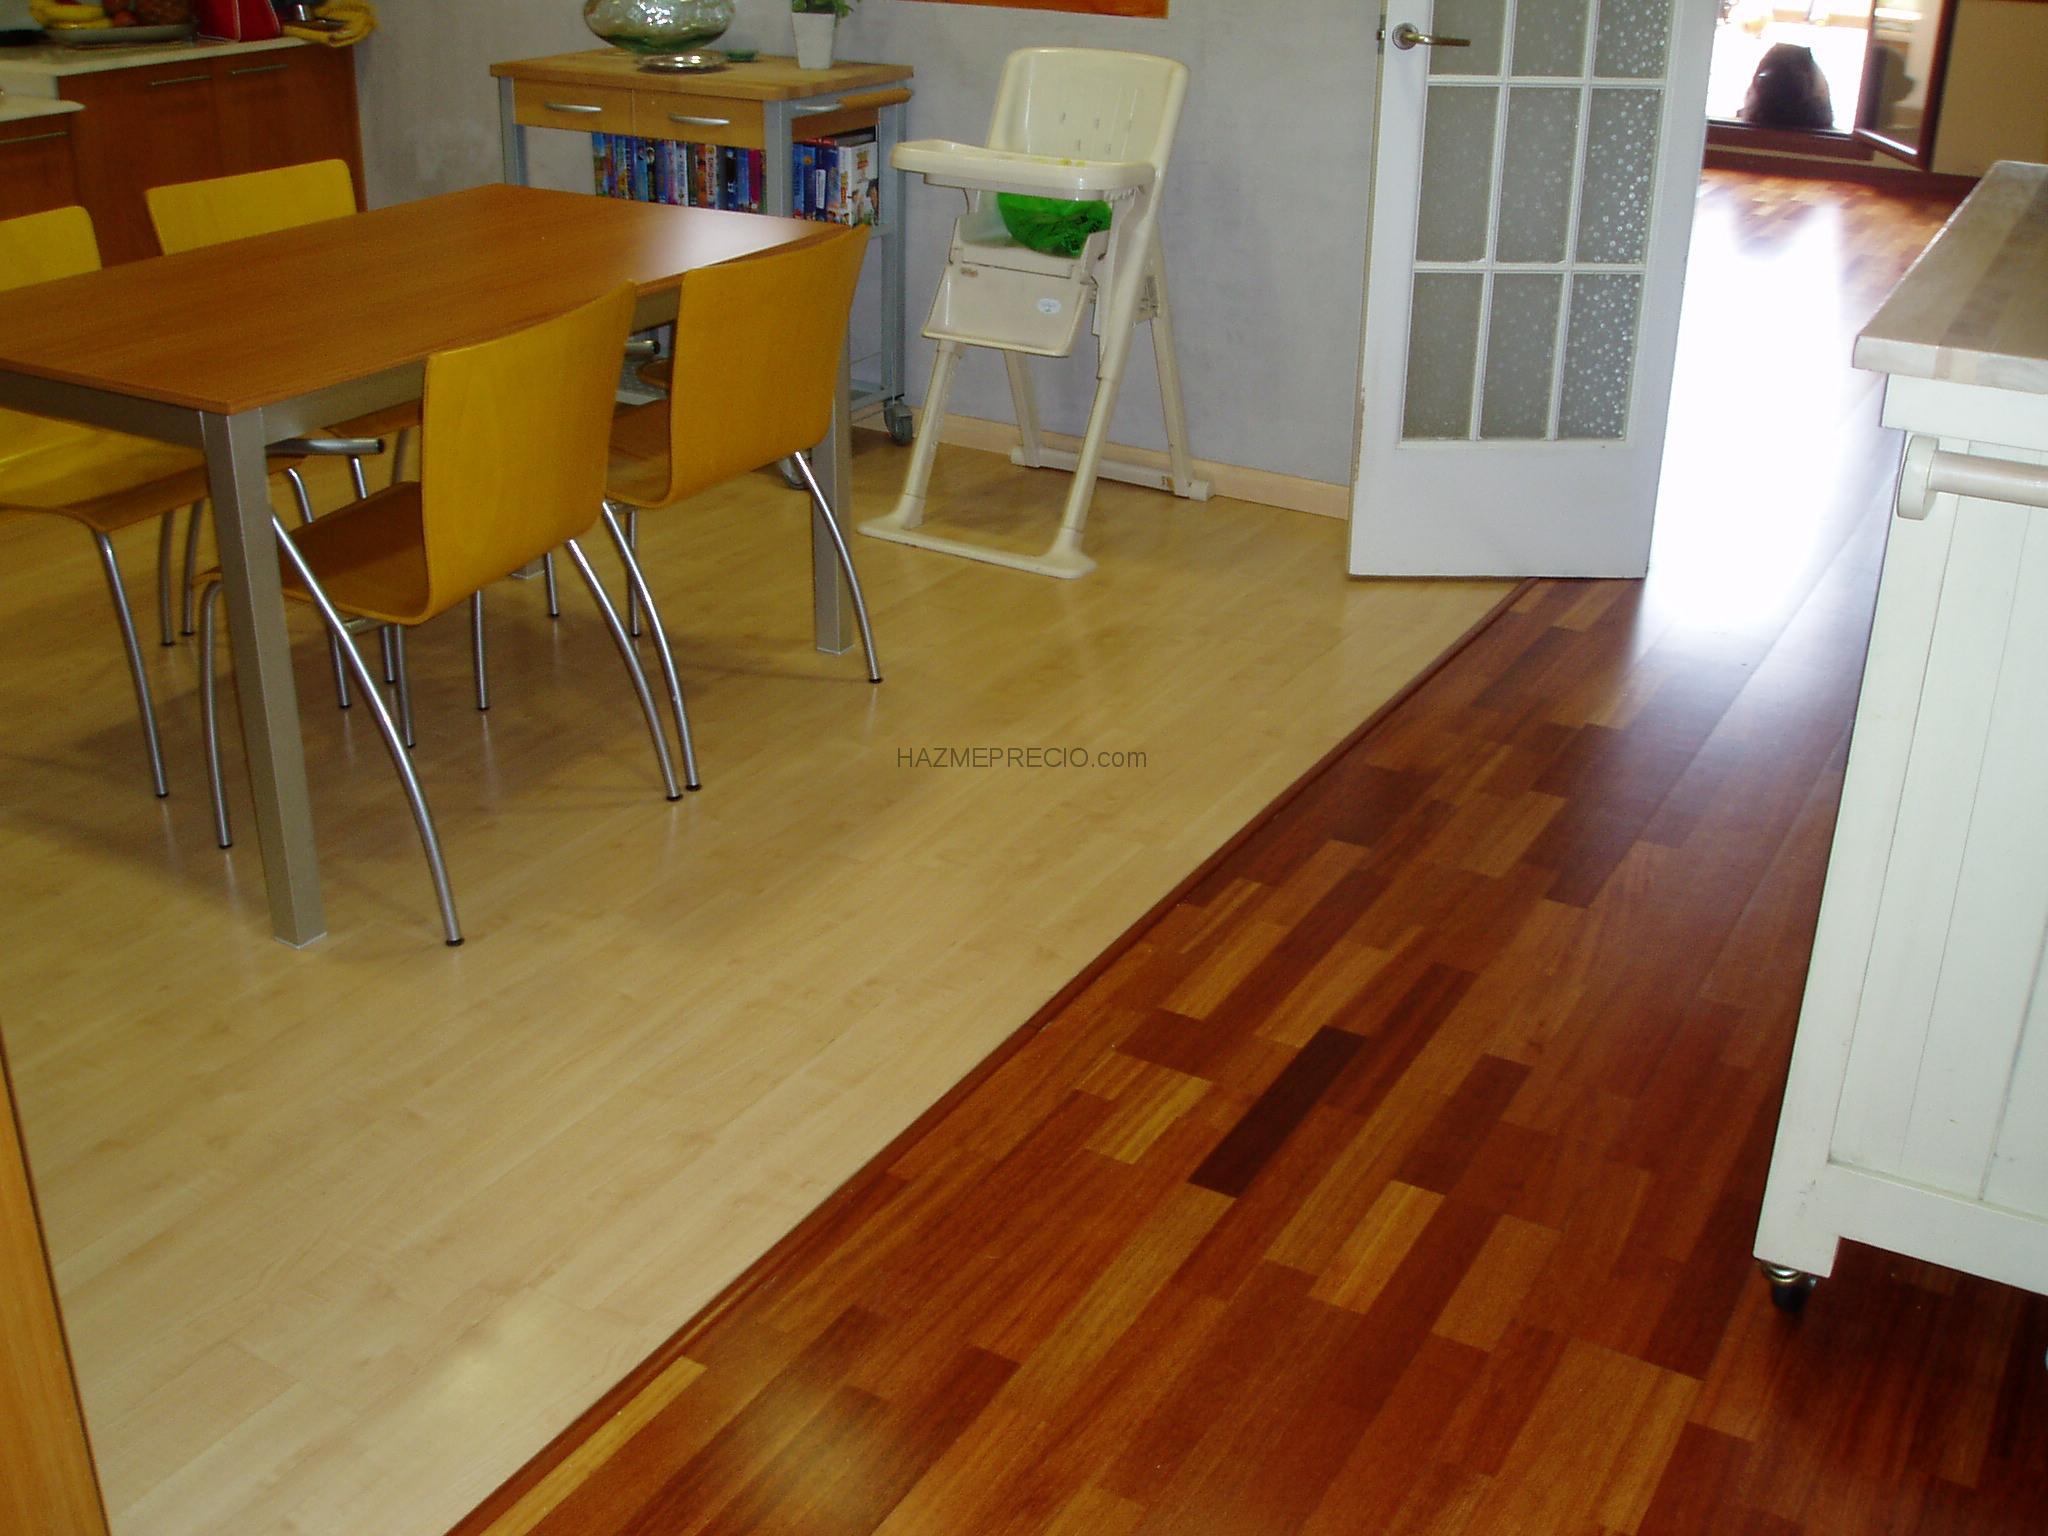 Presupuesto para pintar piso enyesar una cocina lijar y for Presupuesto pintar piso 100m2